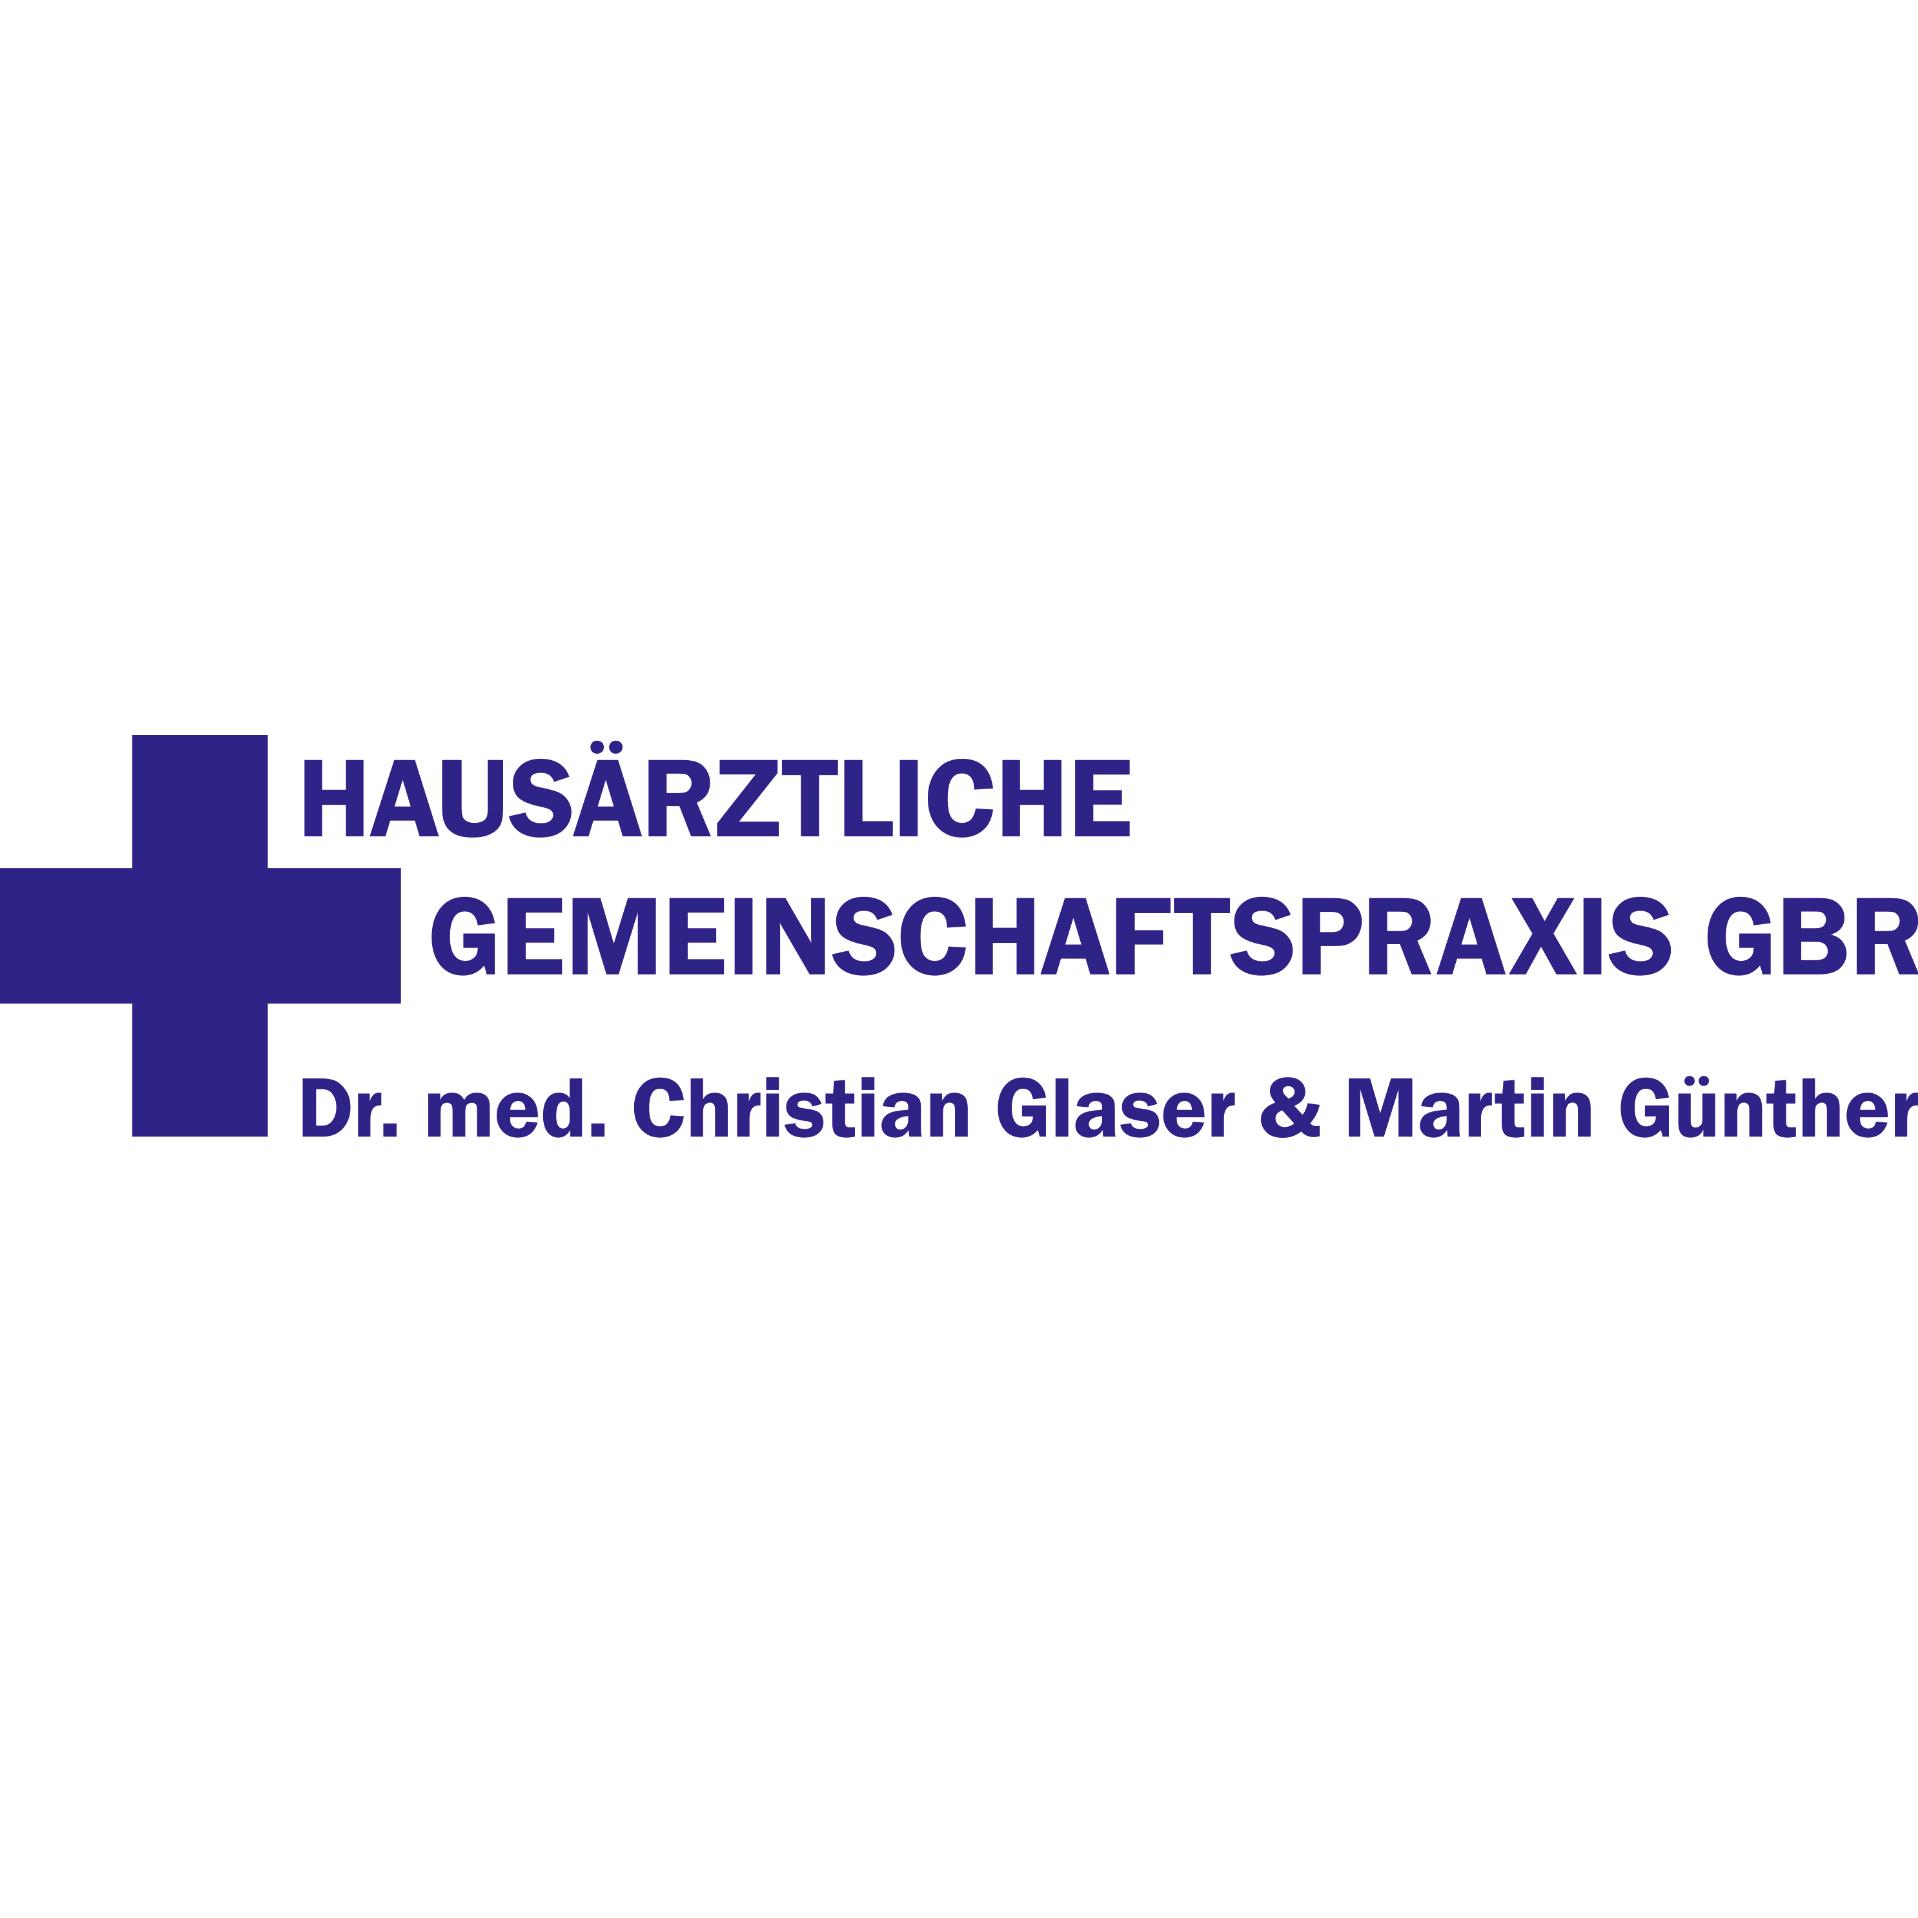 Logo von Hausärztliche Gemeinschaftspraxis GbR - Dr. med. Christian Glaser & Martin Günther